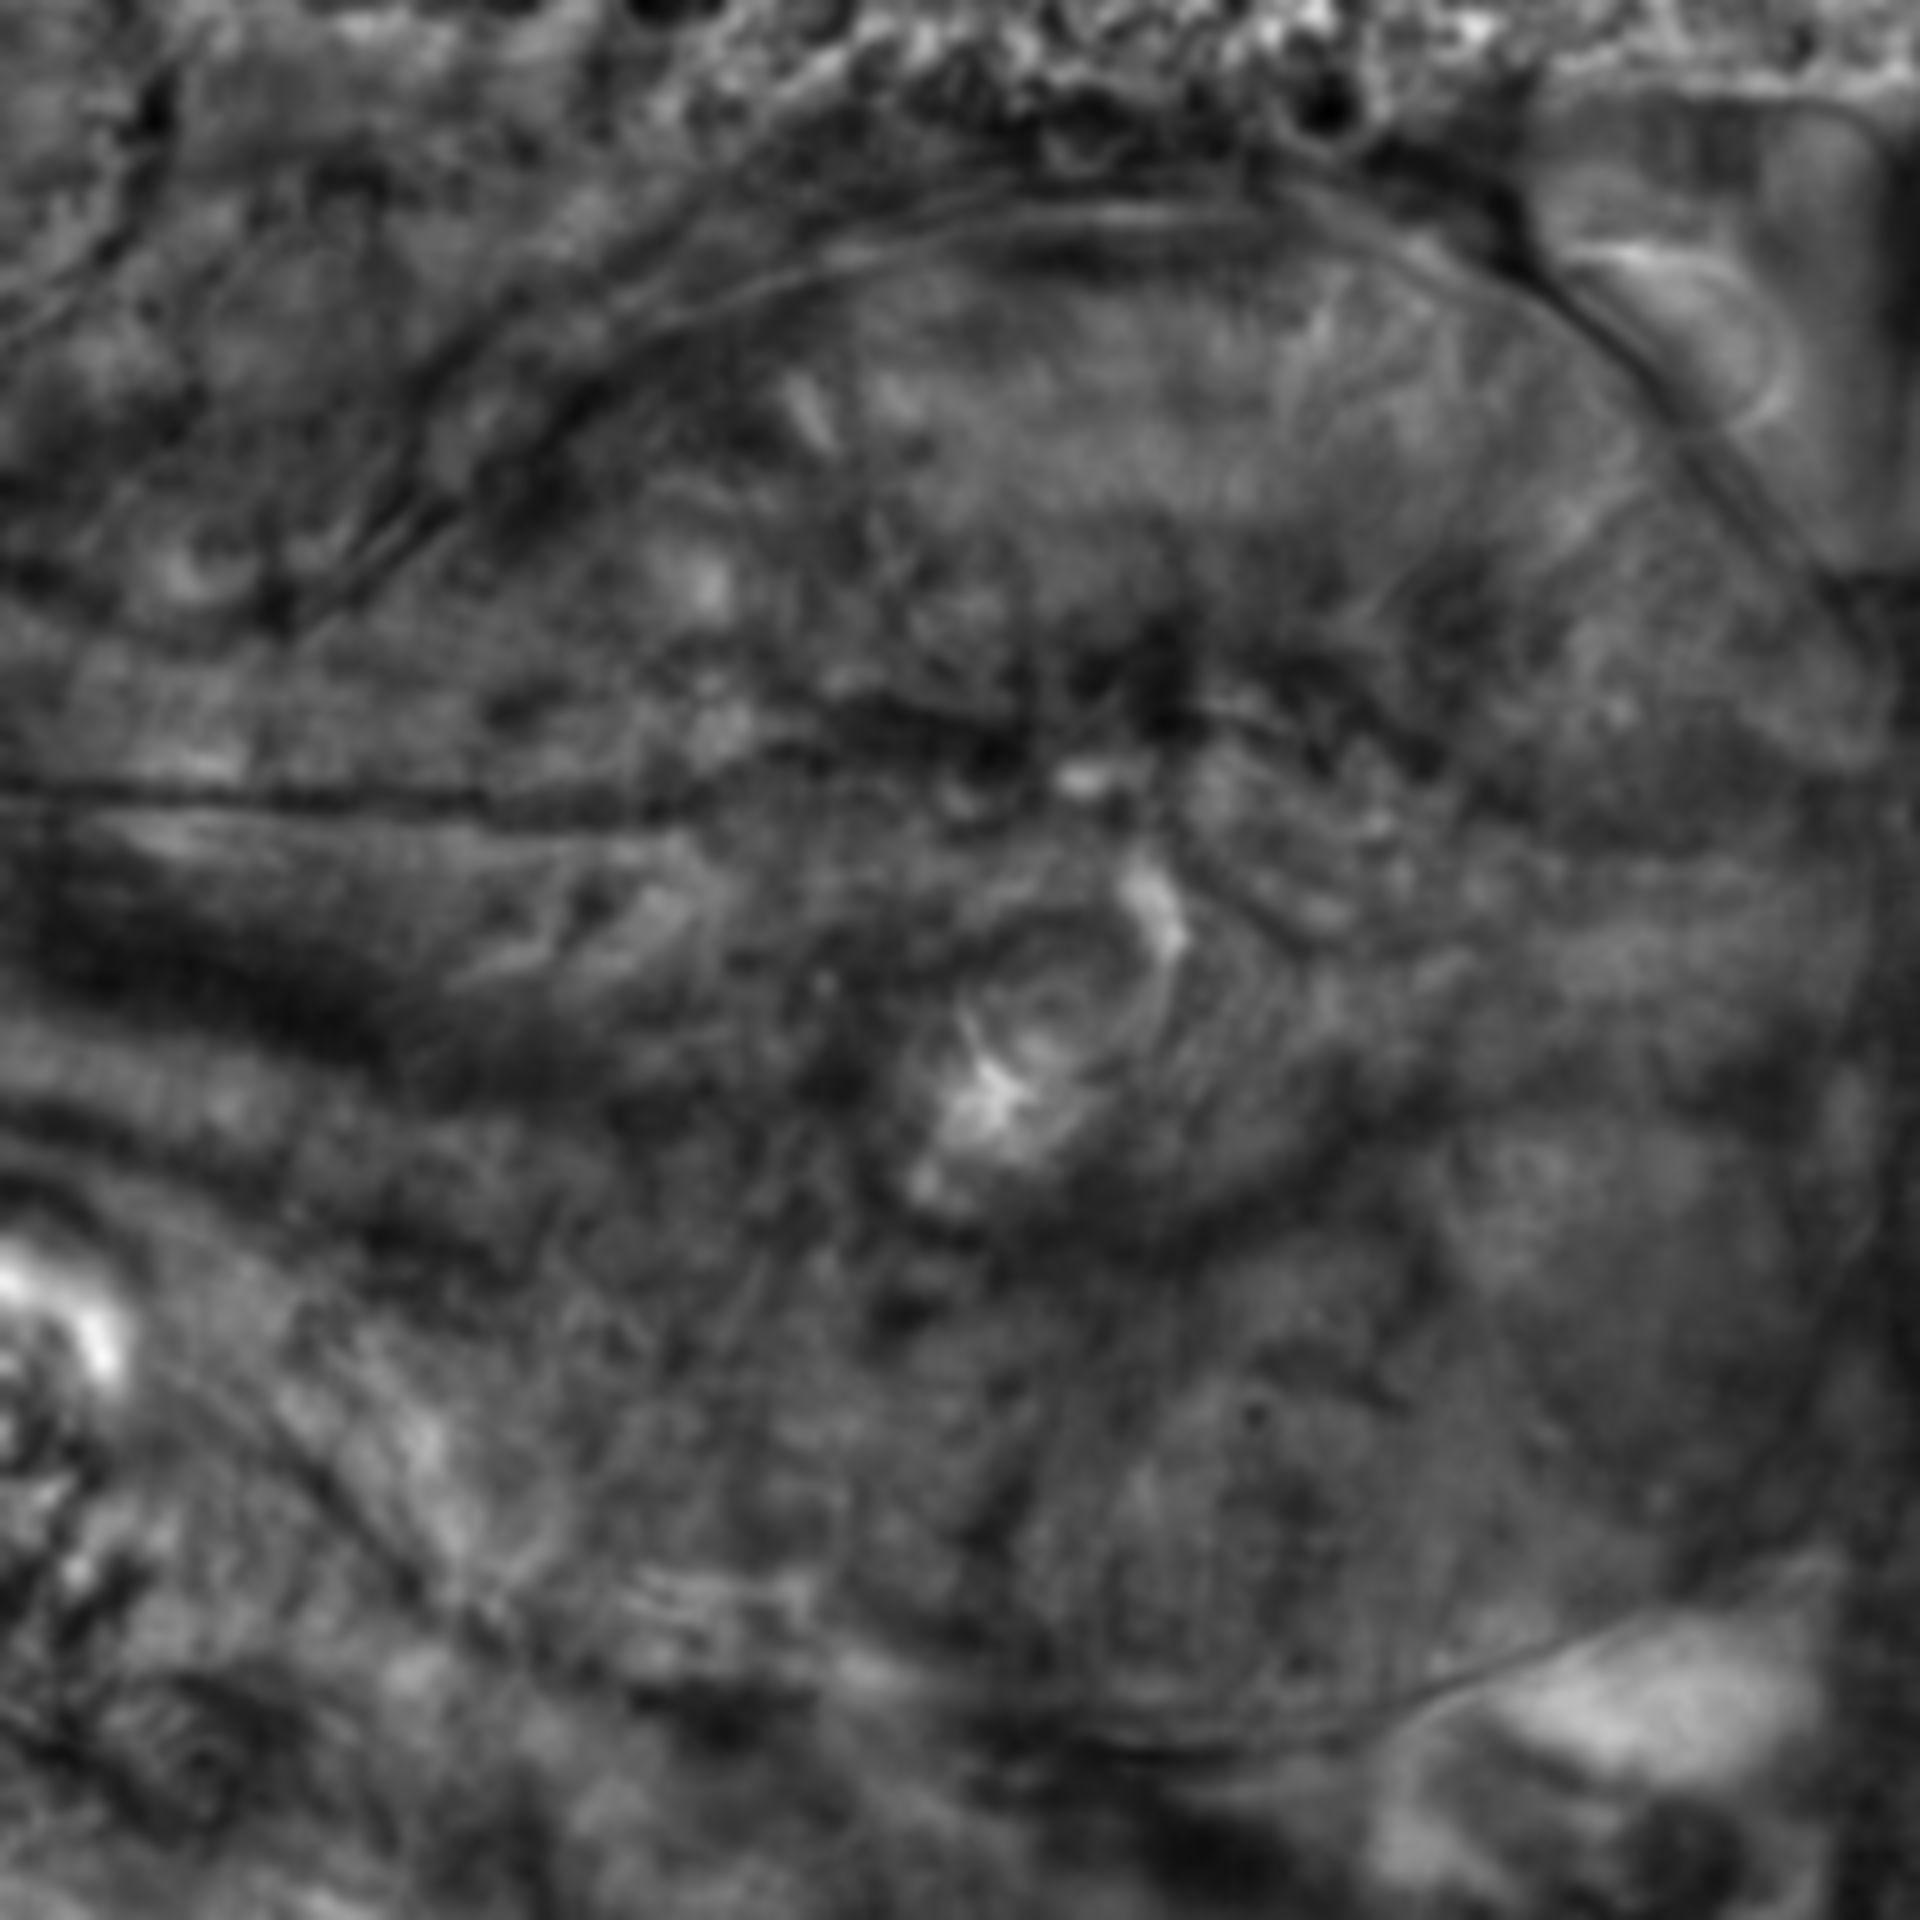 Caenorhabditis elegans - CIL:2553